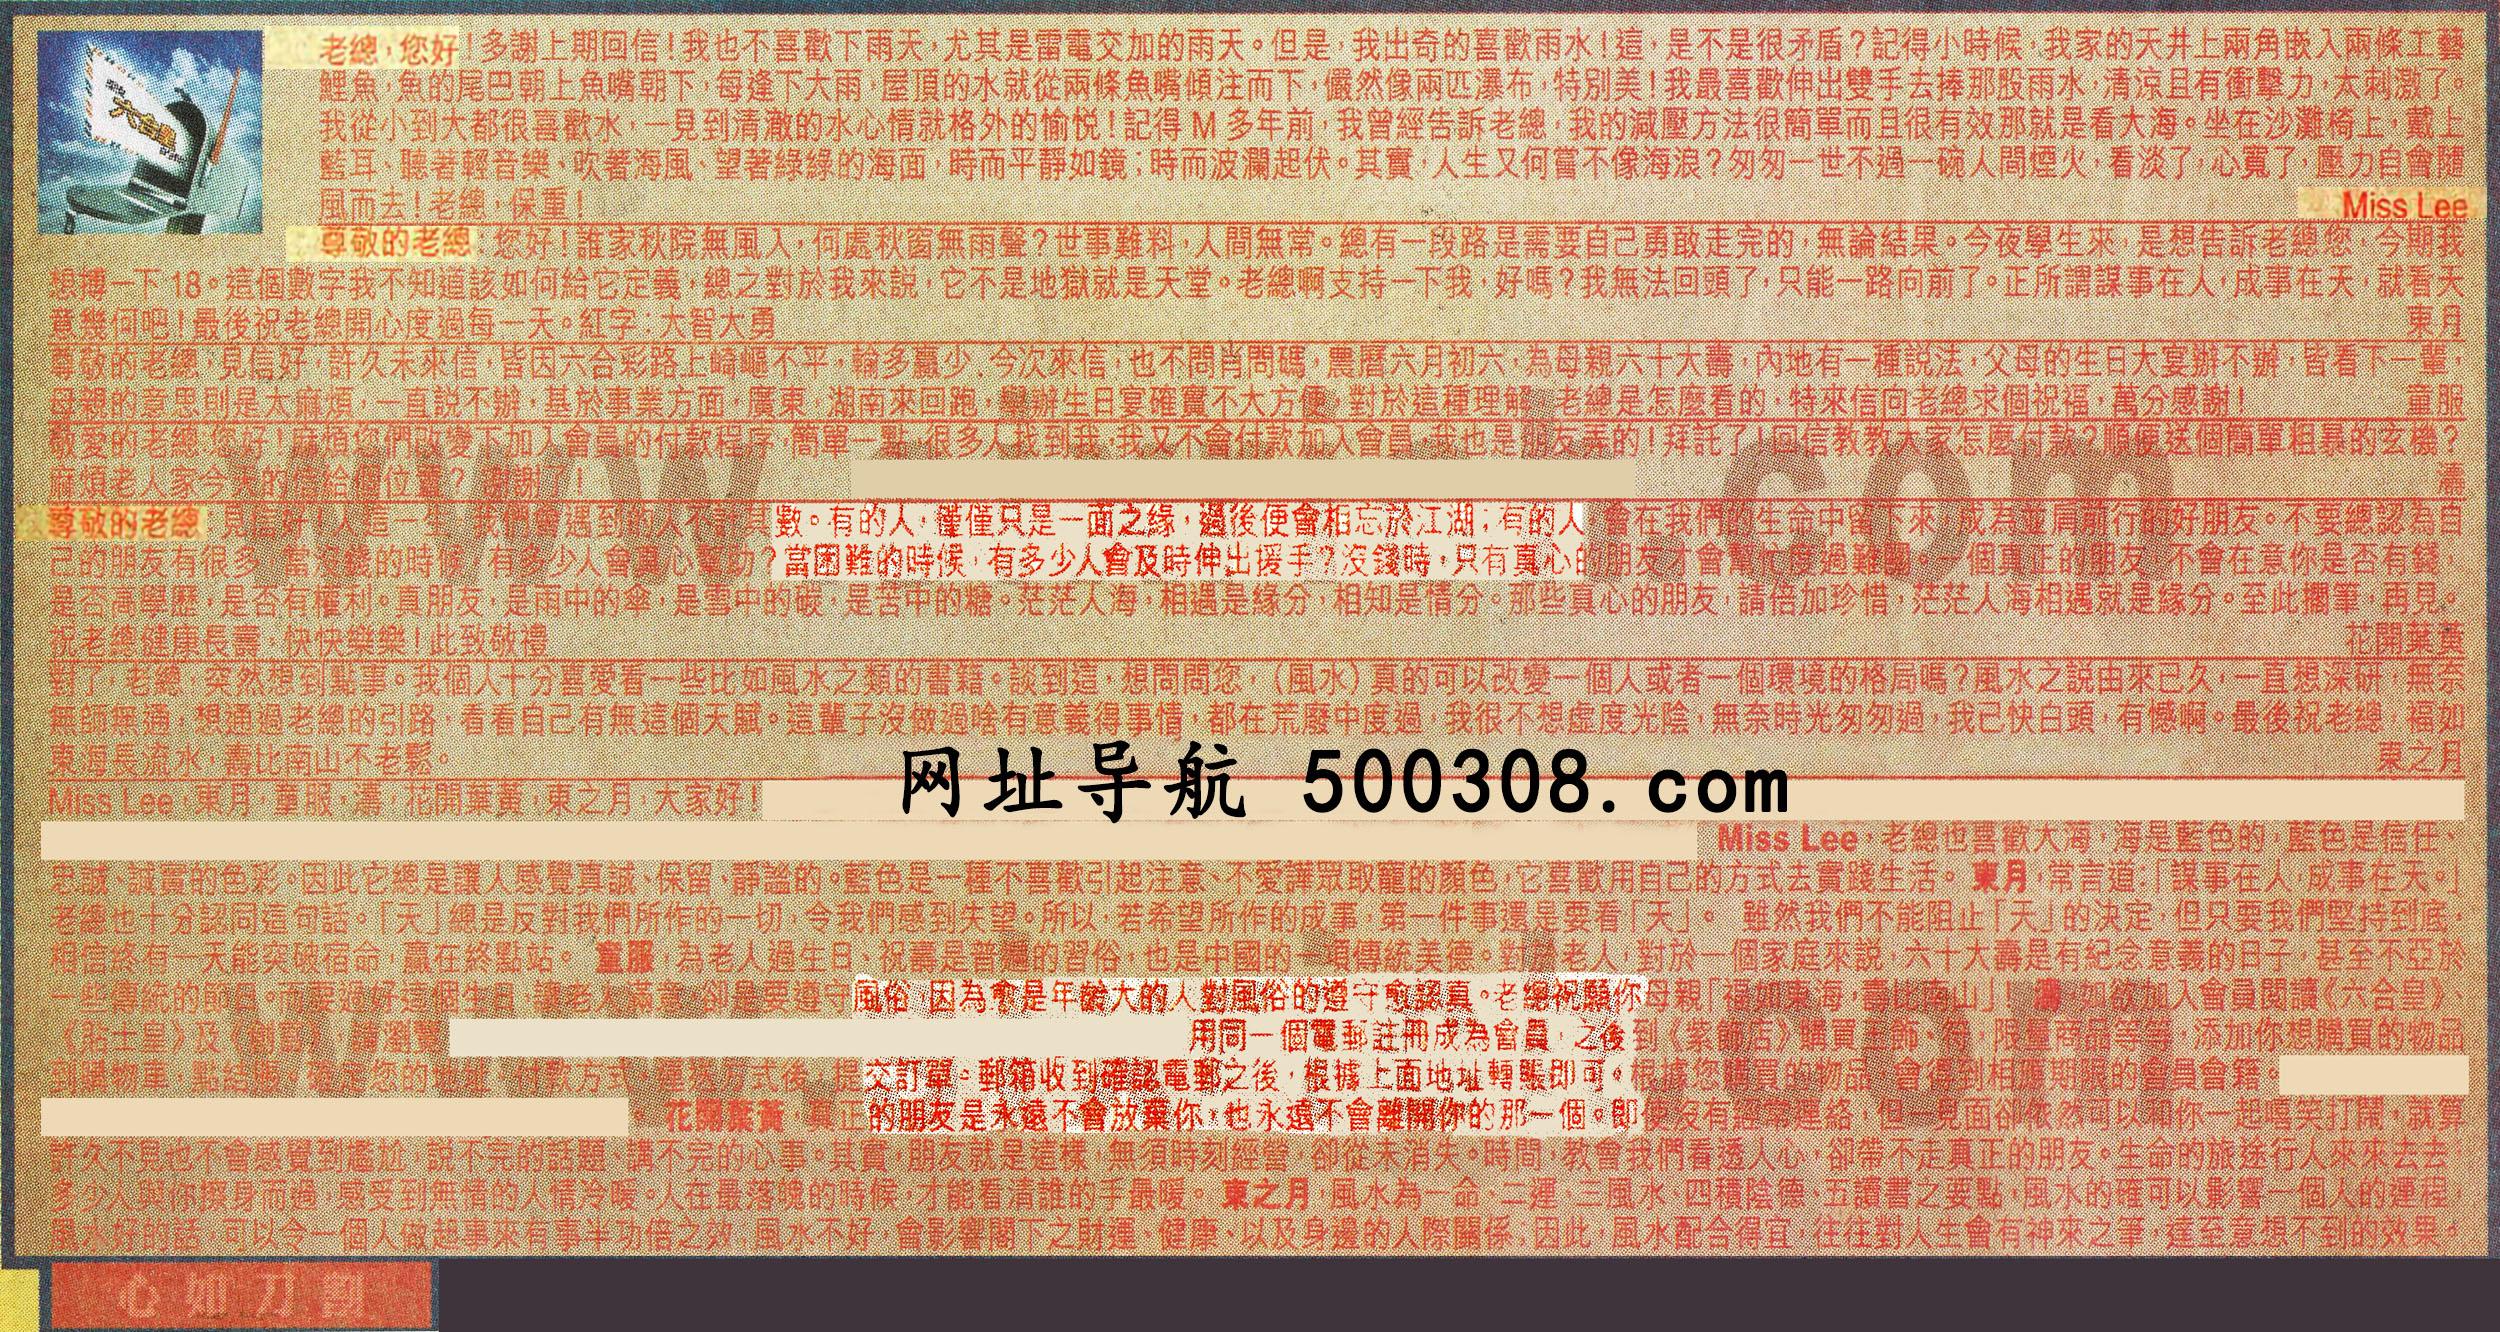 058期:彩民推荐六合皇信箱(�t字:心如刀割) 058期开奖结果:22-28-49-06-23-19-T20马/蓝/木